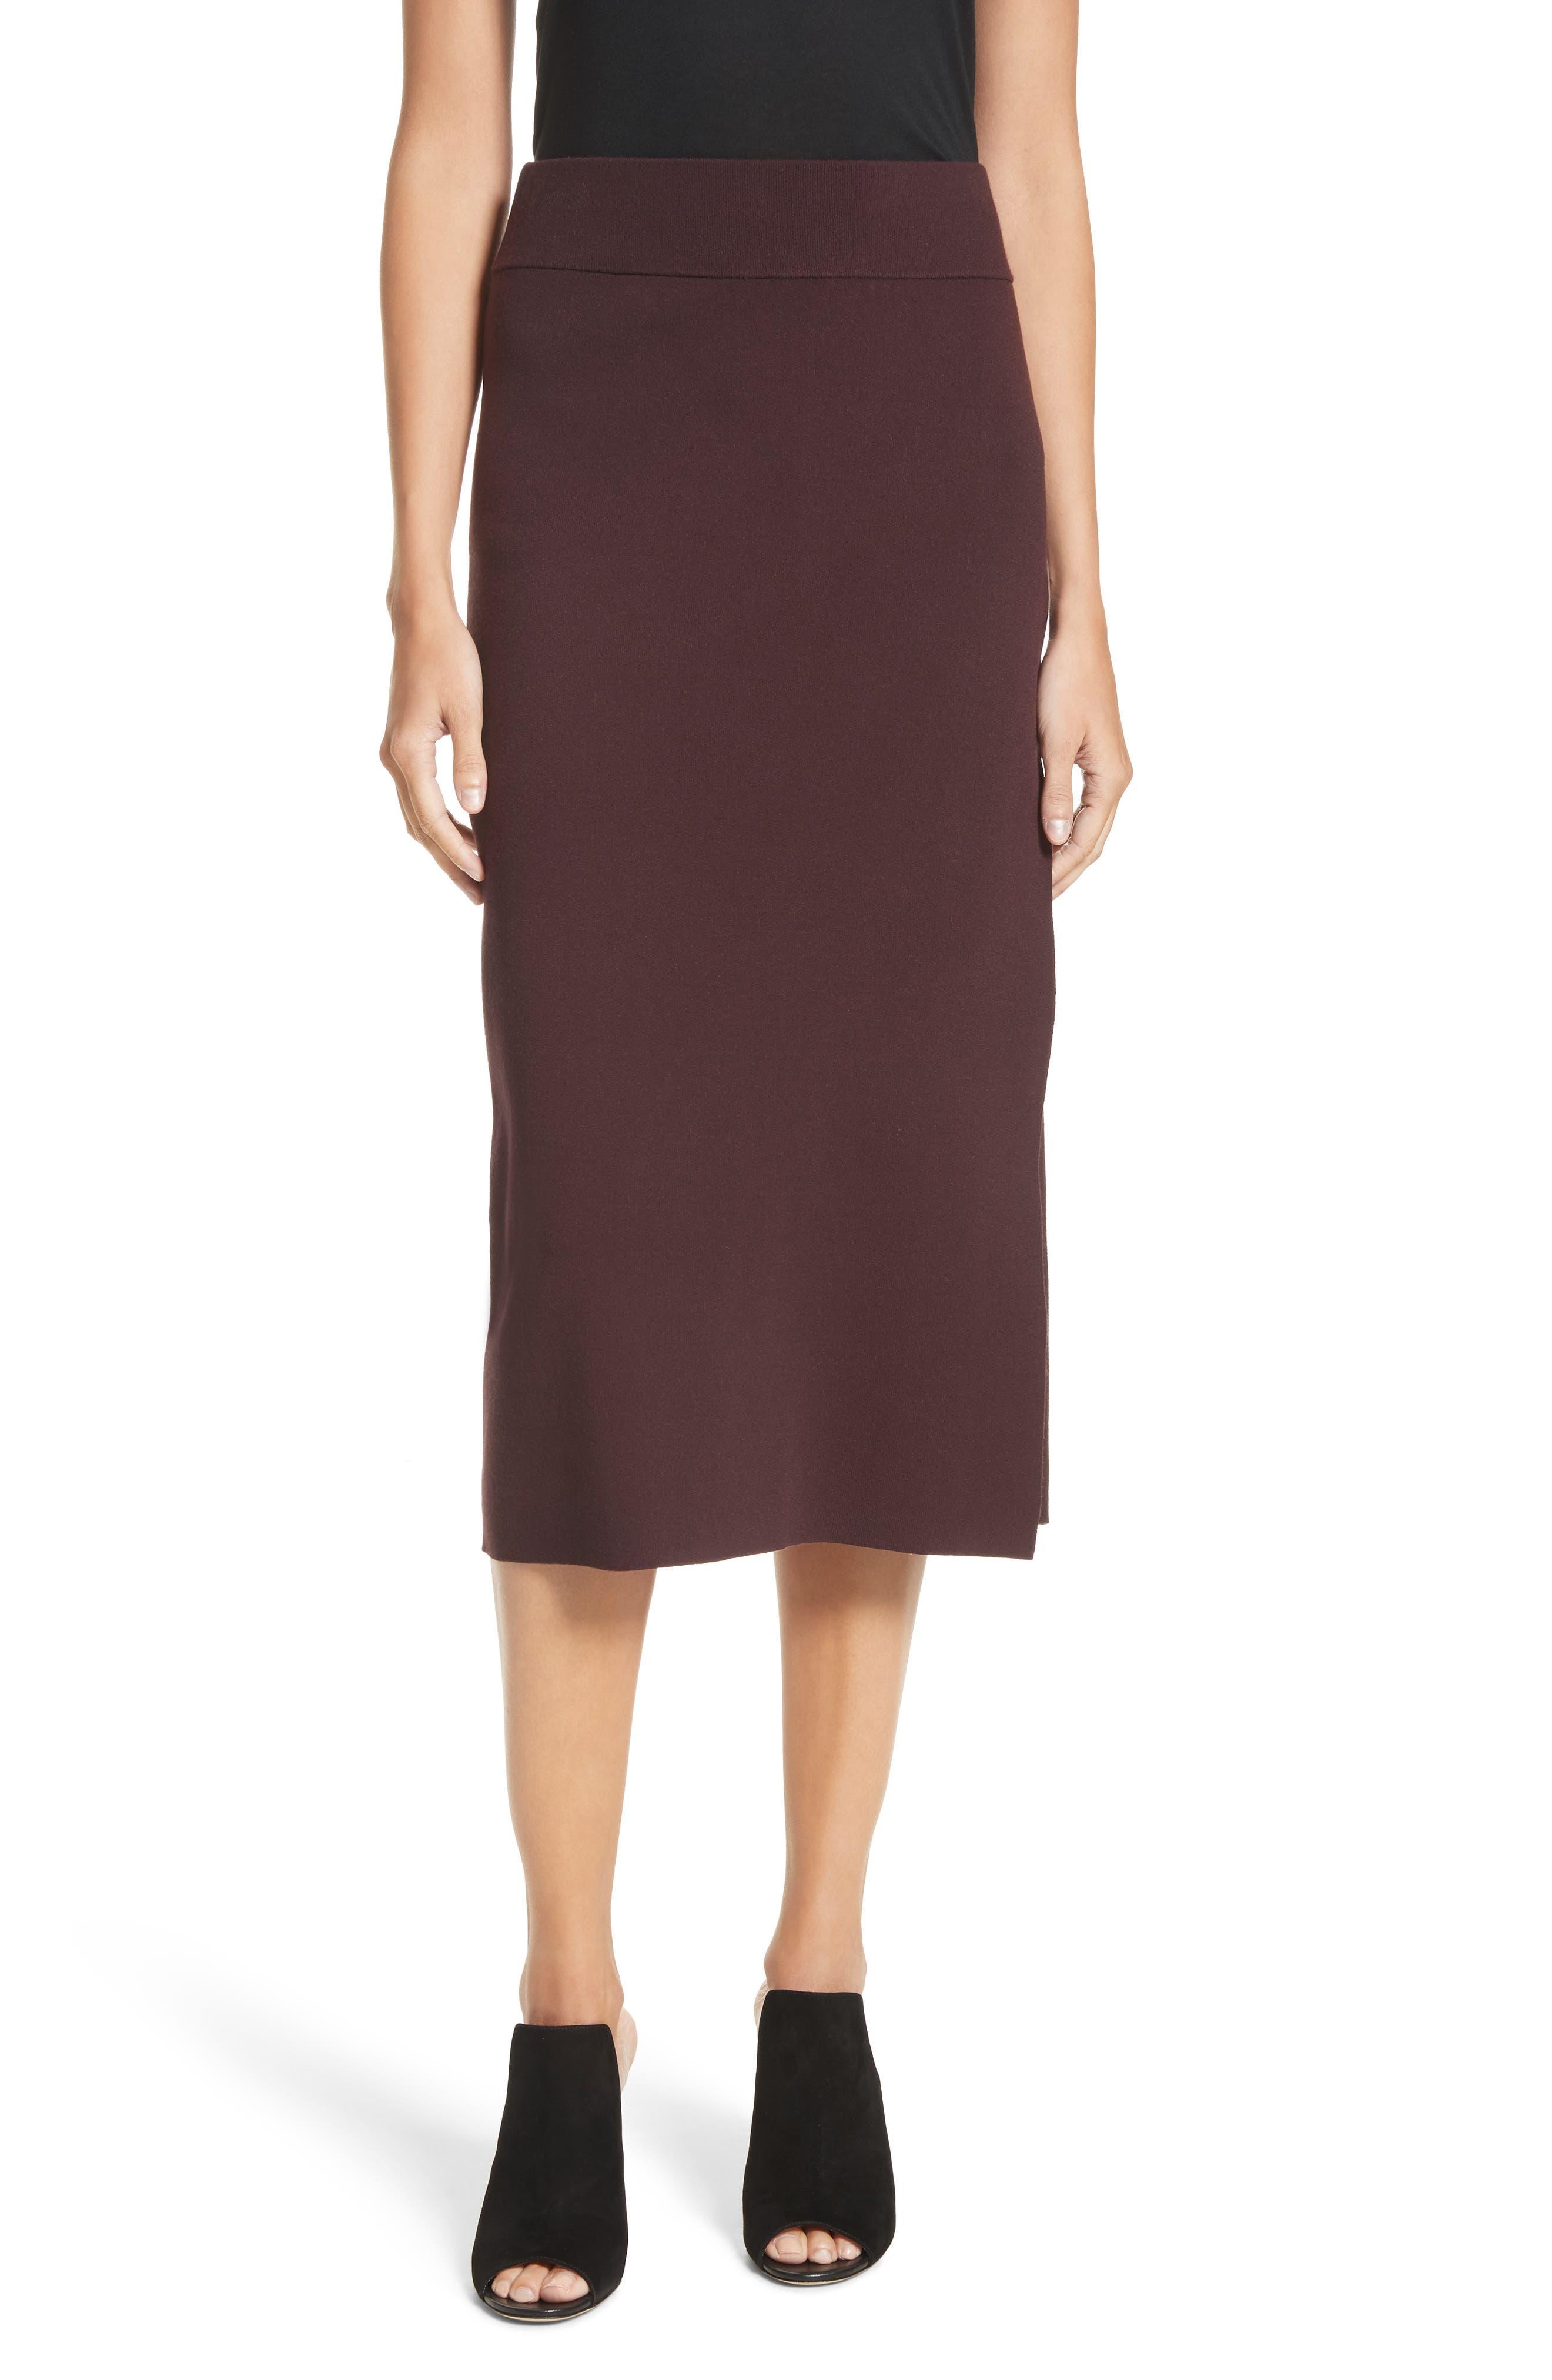 Smith Knit Pencil Skirt,                             Main thumbnail 1, color,                             932